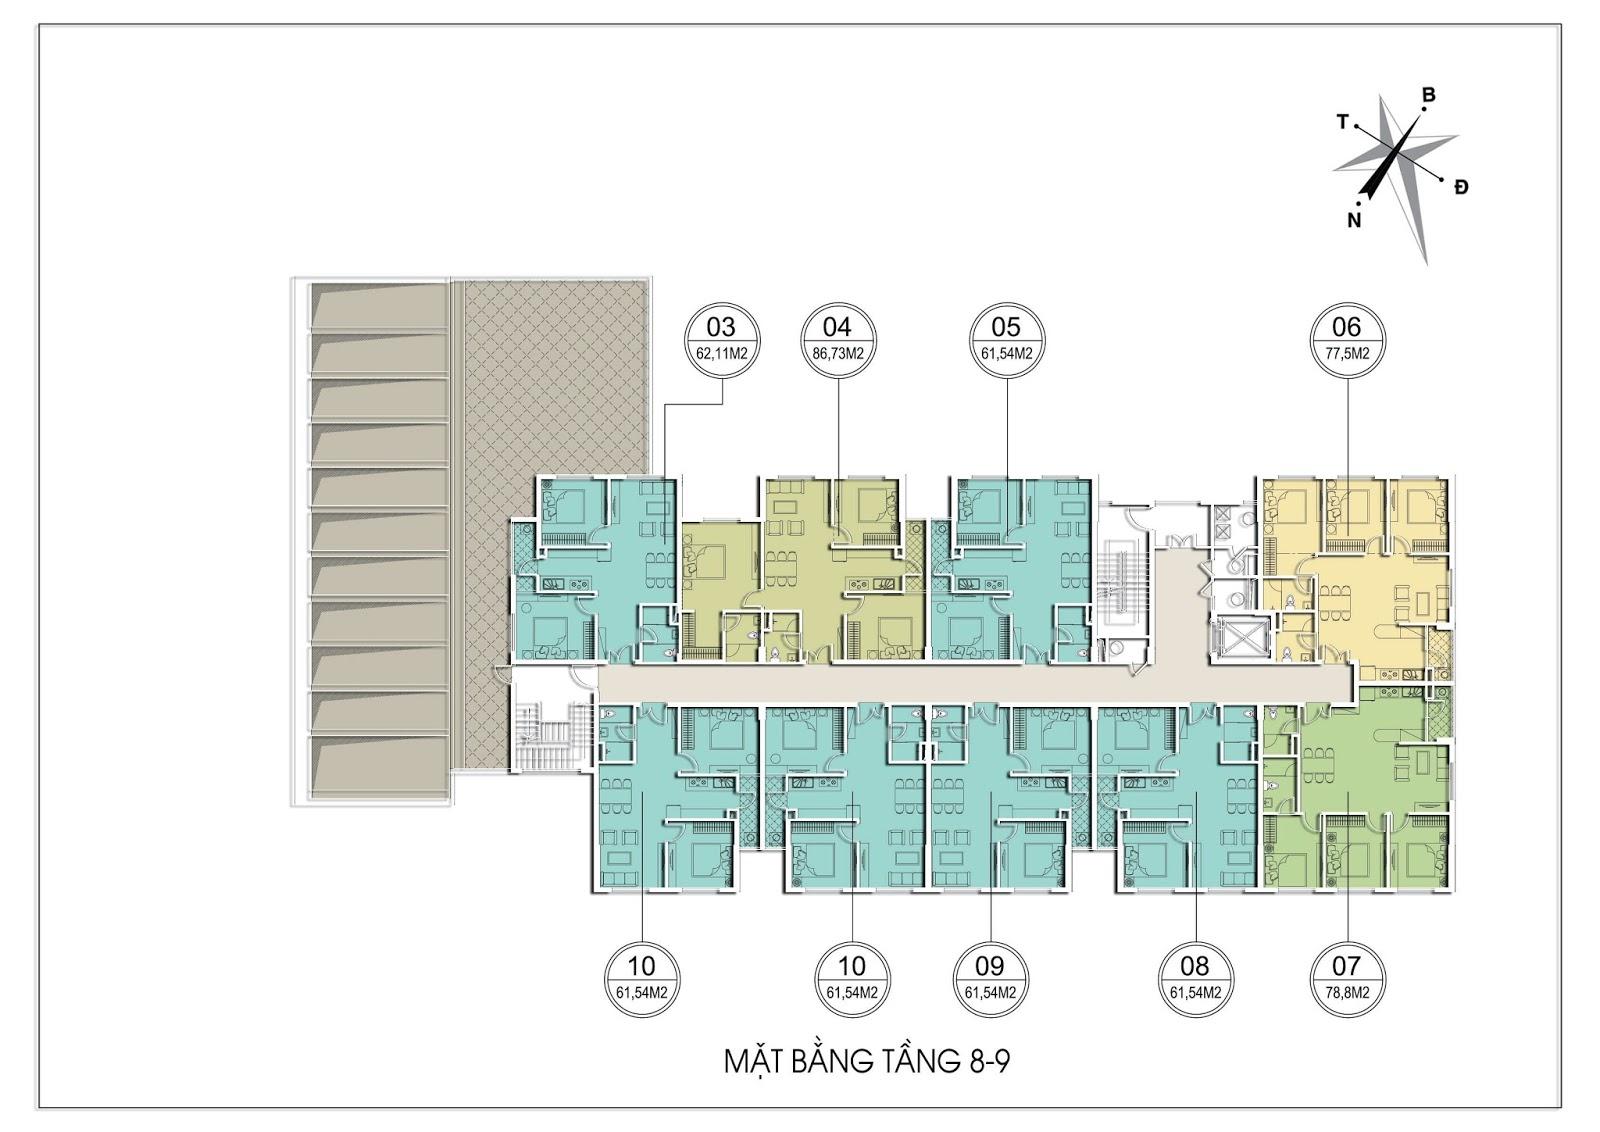 Mặt bằng tầng 8 - 9 Tháp C Chung cư Valencia Garden Long Biên